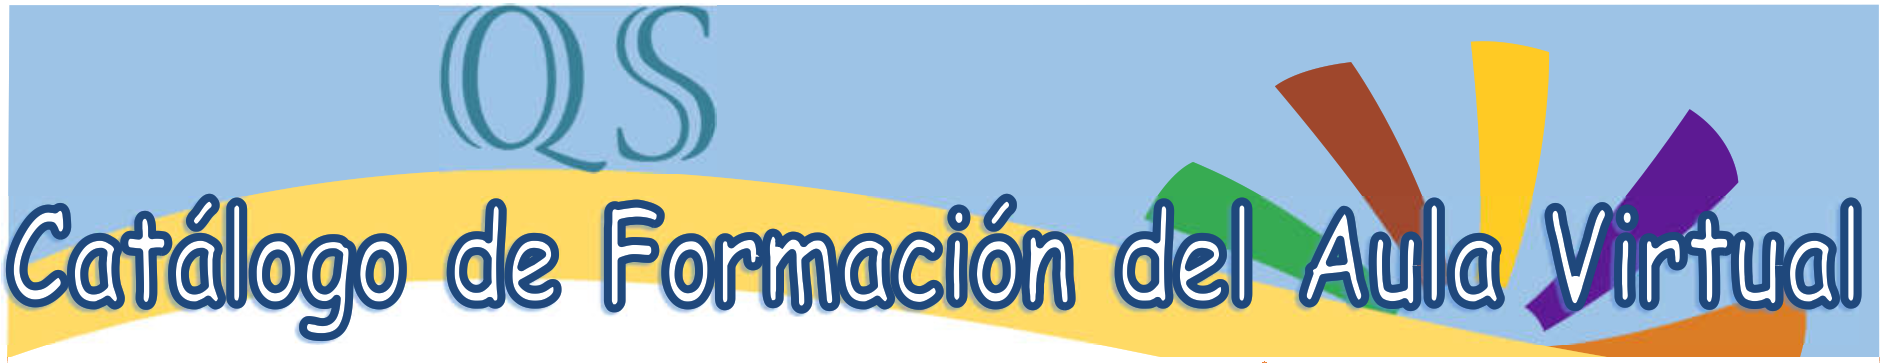 CATÁLOGO DE FORMACIÓN